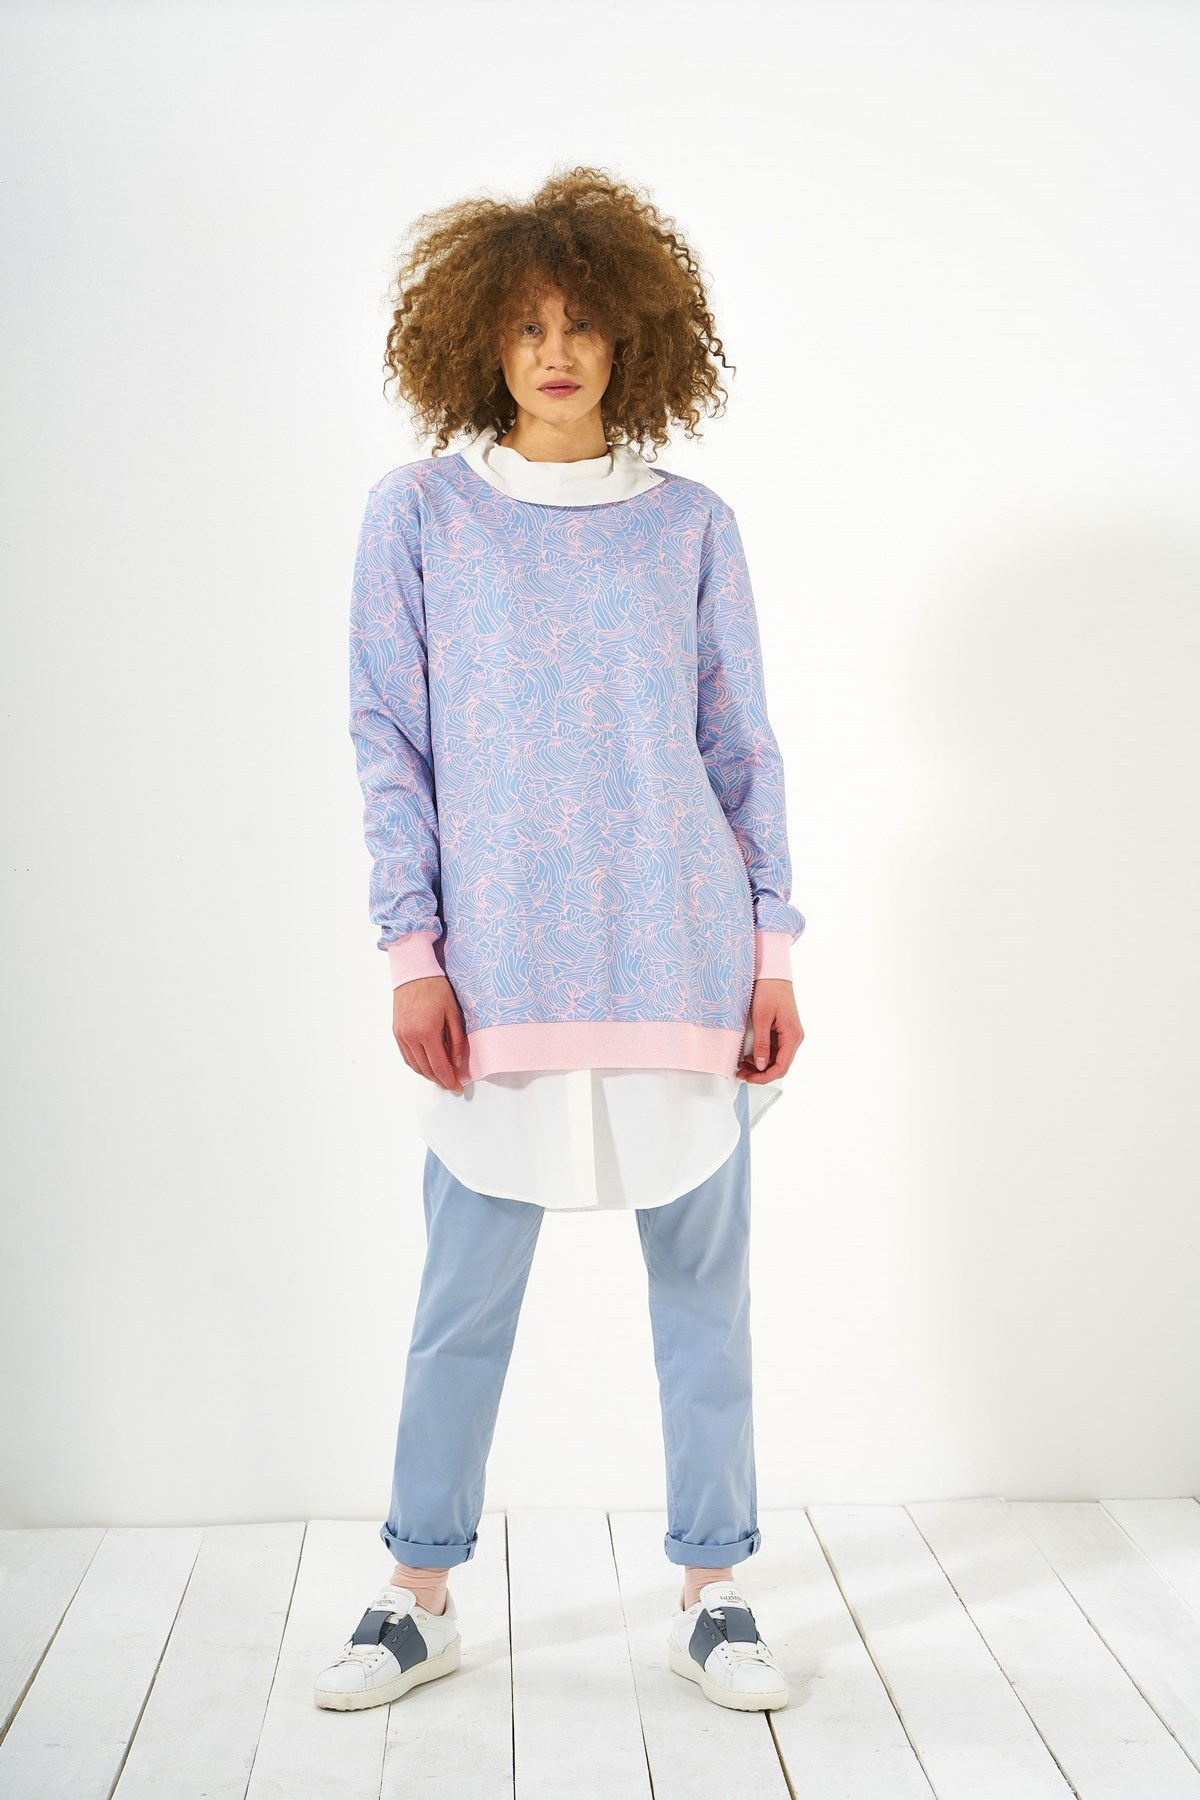 Mevra - Desenli Sweatshirt Mavi